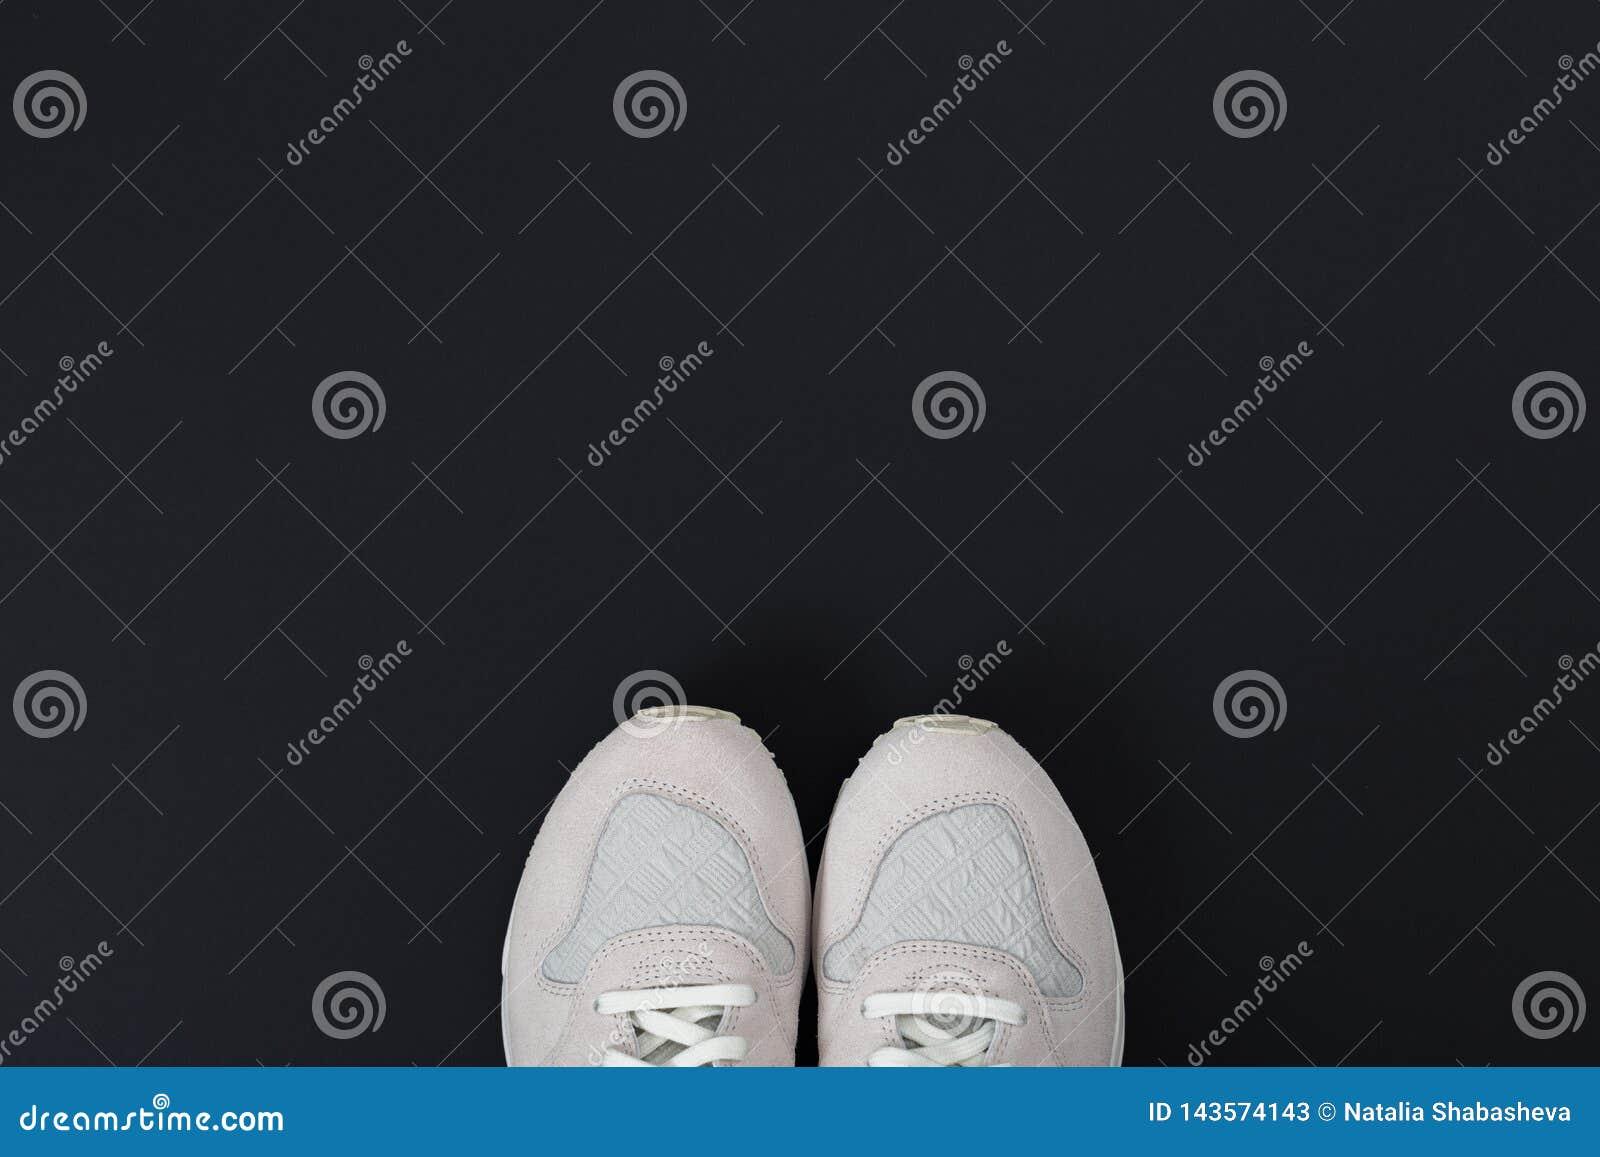 Sapatilhas do esporte no fundo preto